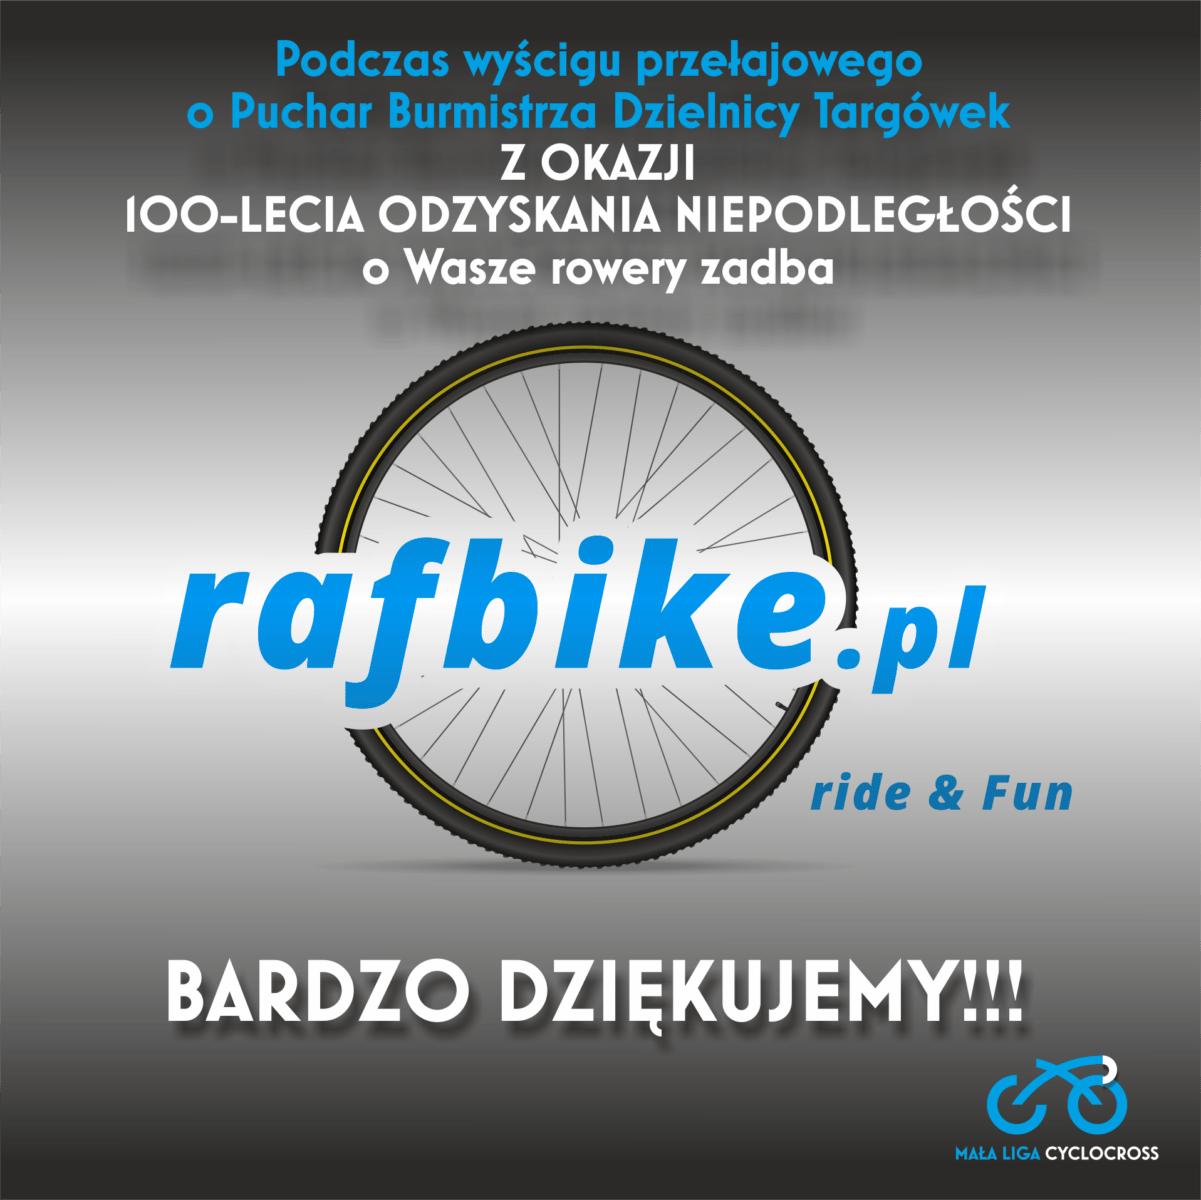 Rafbike.pl partnerem wyścigu 11 listopada